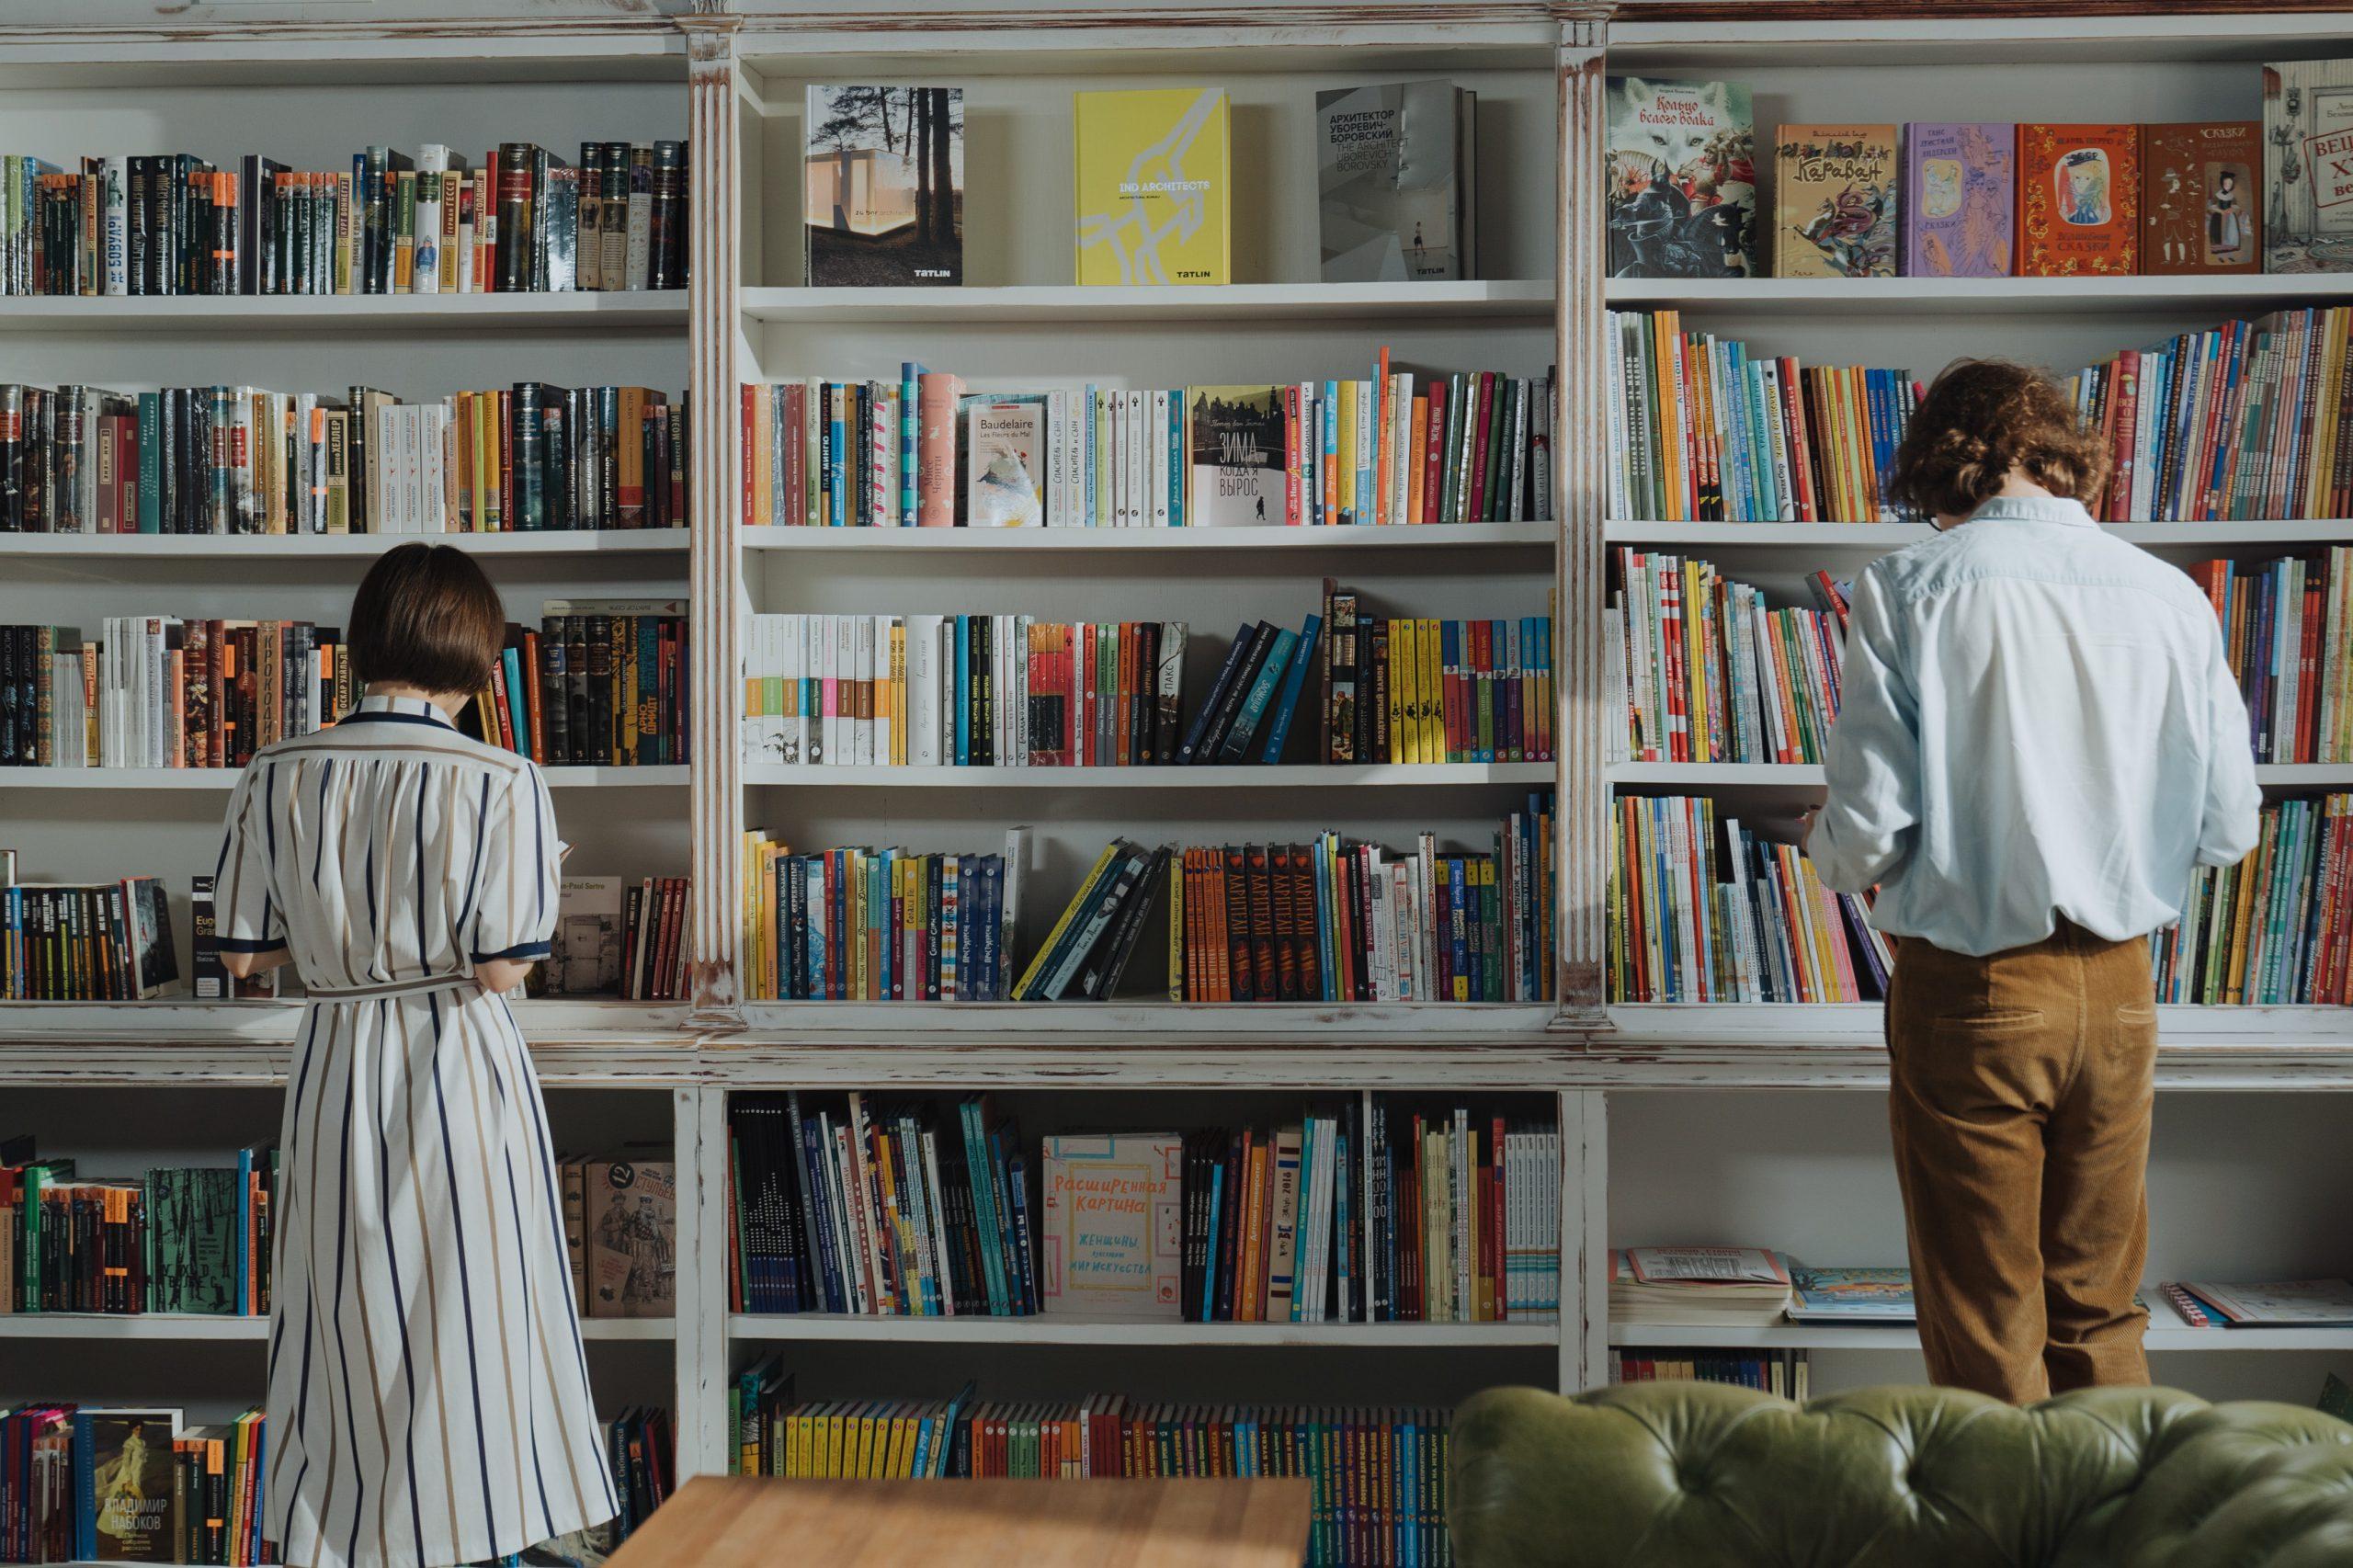 Dos personas documentándose frente a unas estanterías llenas de libros